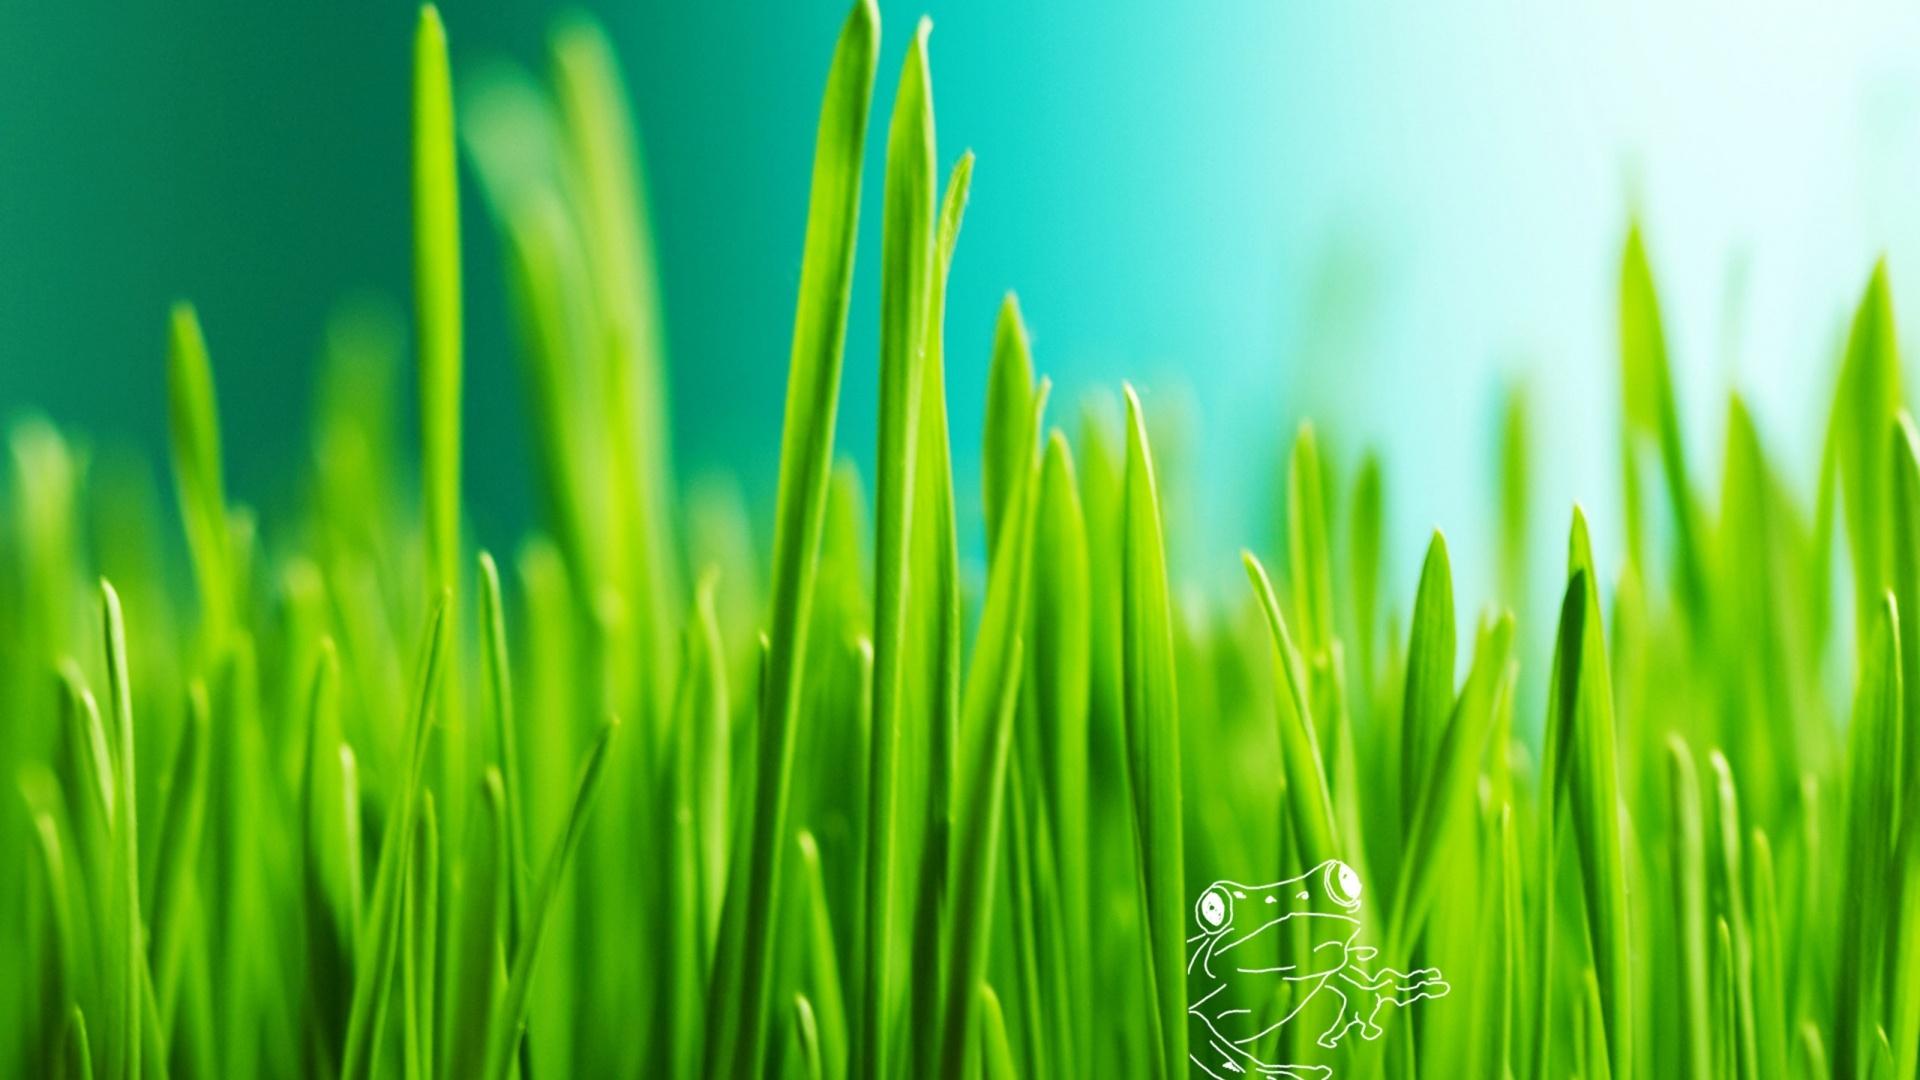 Green Grass computer wallpaper